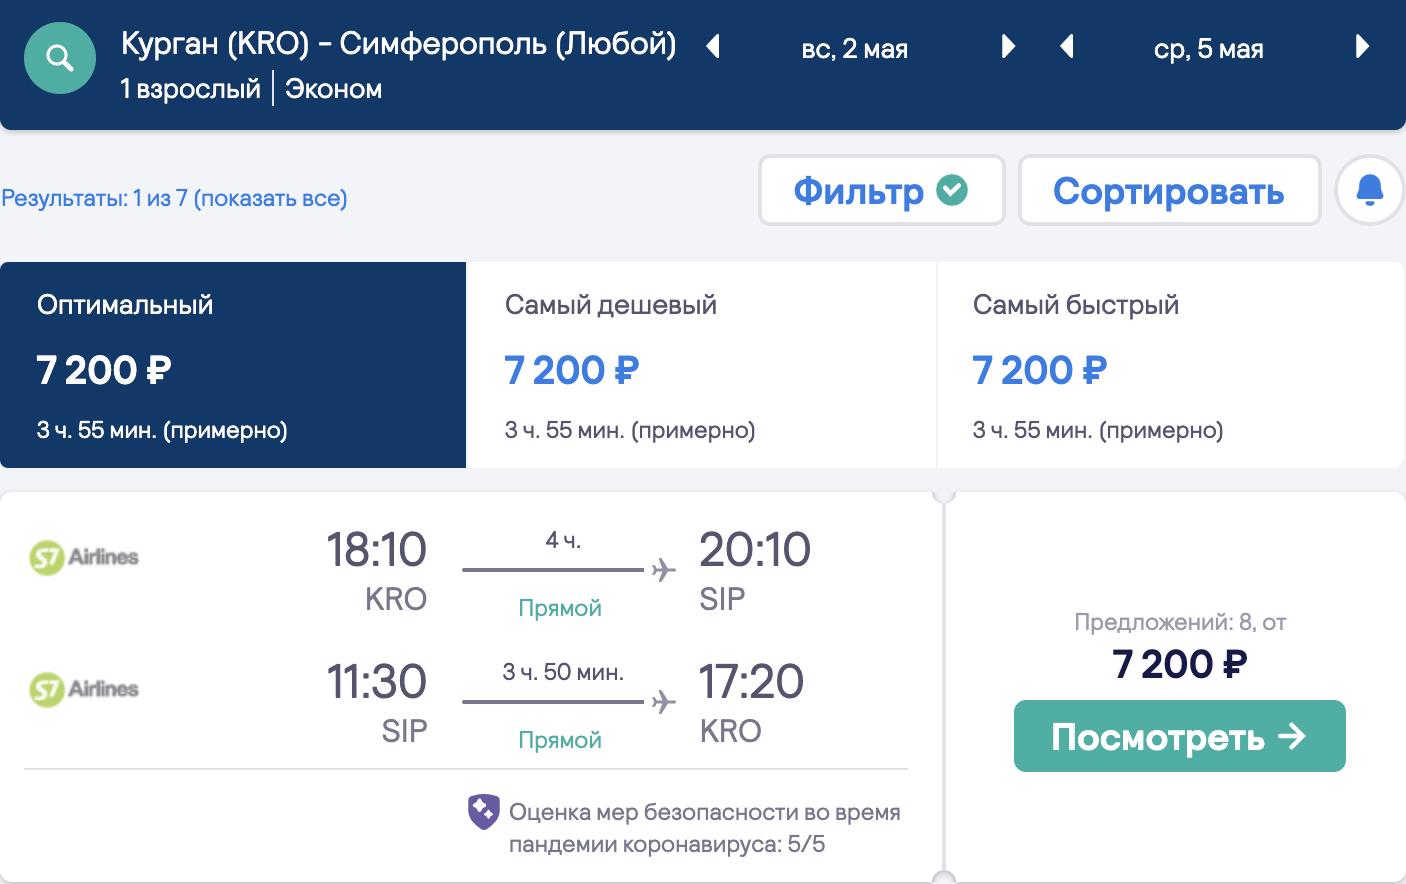 Актуально! Прямые рейсы S7 из Иваново, Кургана, Липецка и Пскова на побережье Черного моря от 3100₽ туда-обратно